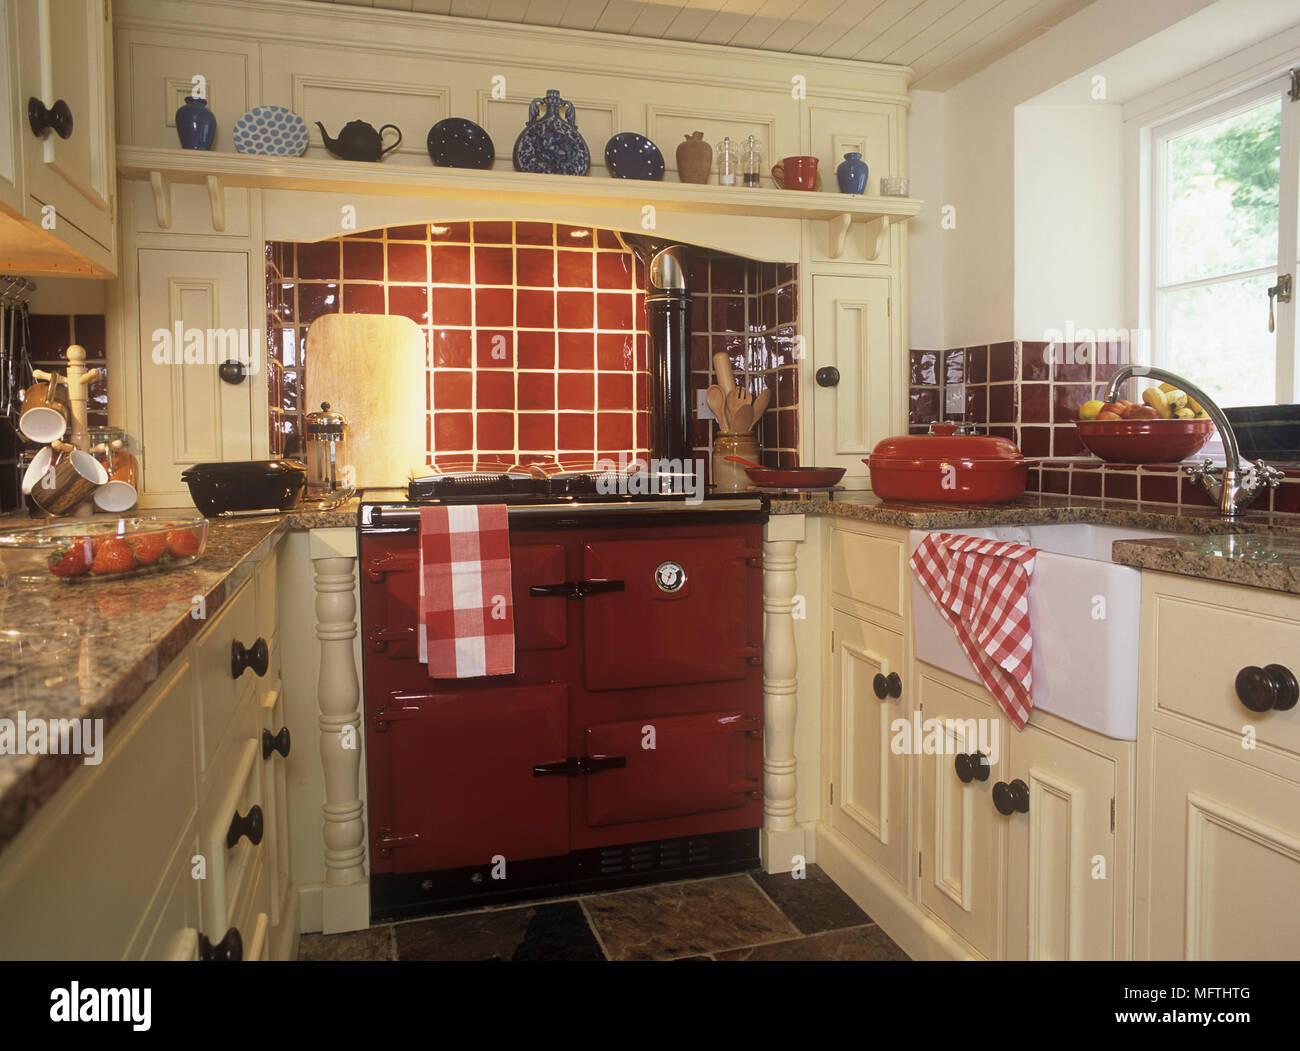 Fantástico Independiente Mueble De Cocina Con Fregadero De Belfast ...